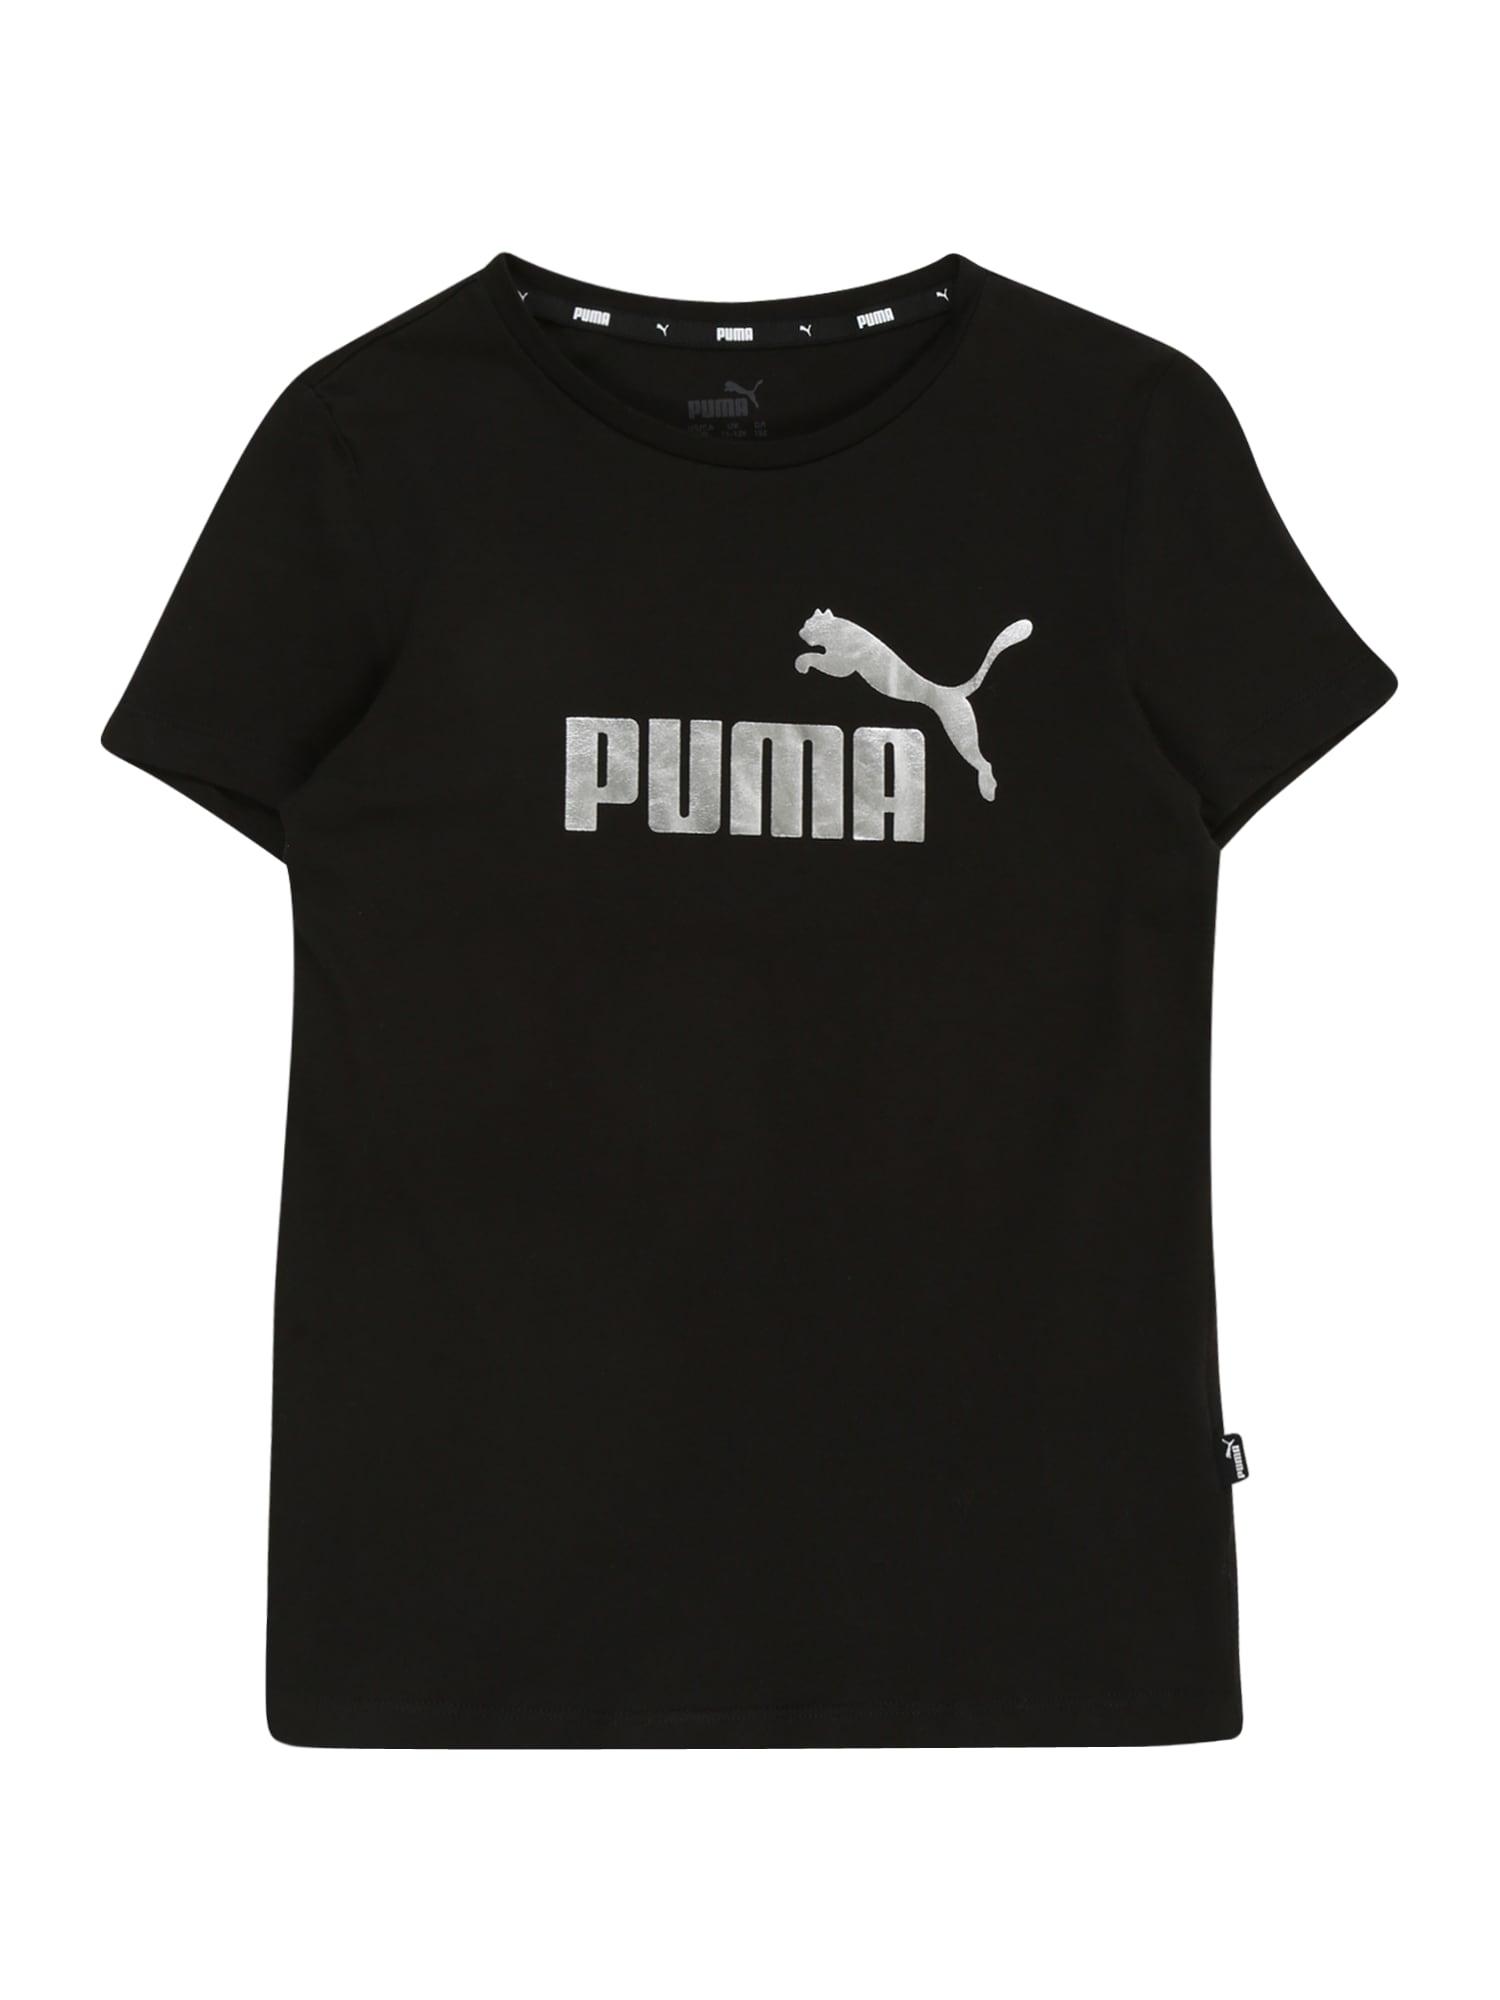 PUMA T-Shirt fonctionnel  - Noir - Taille: 140 - girl